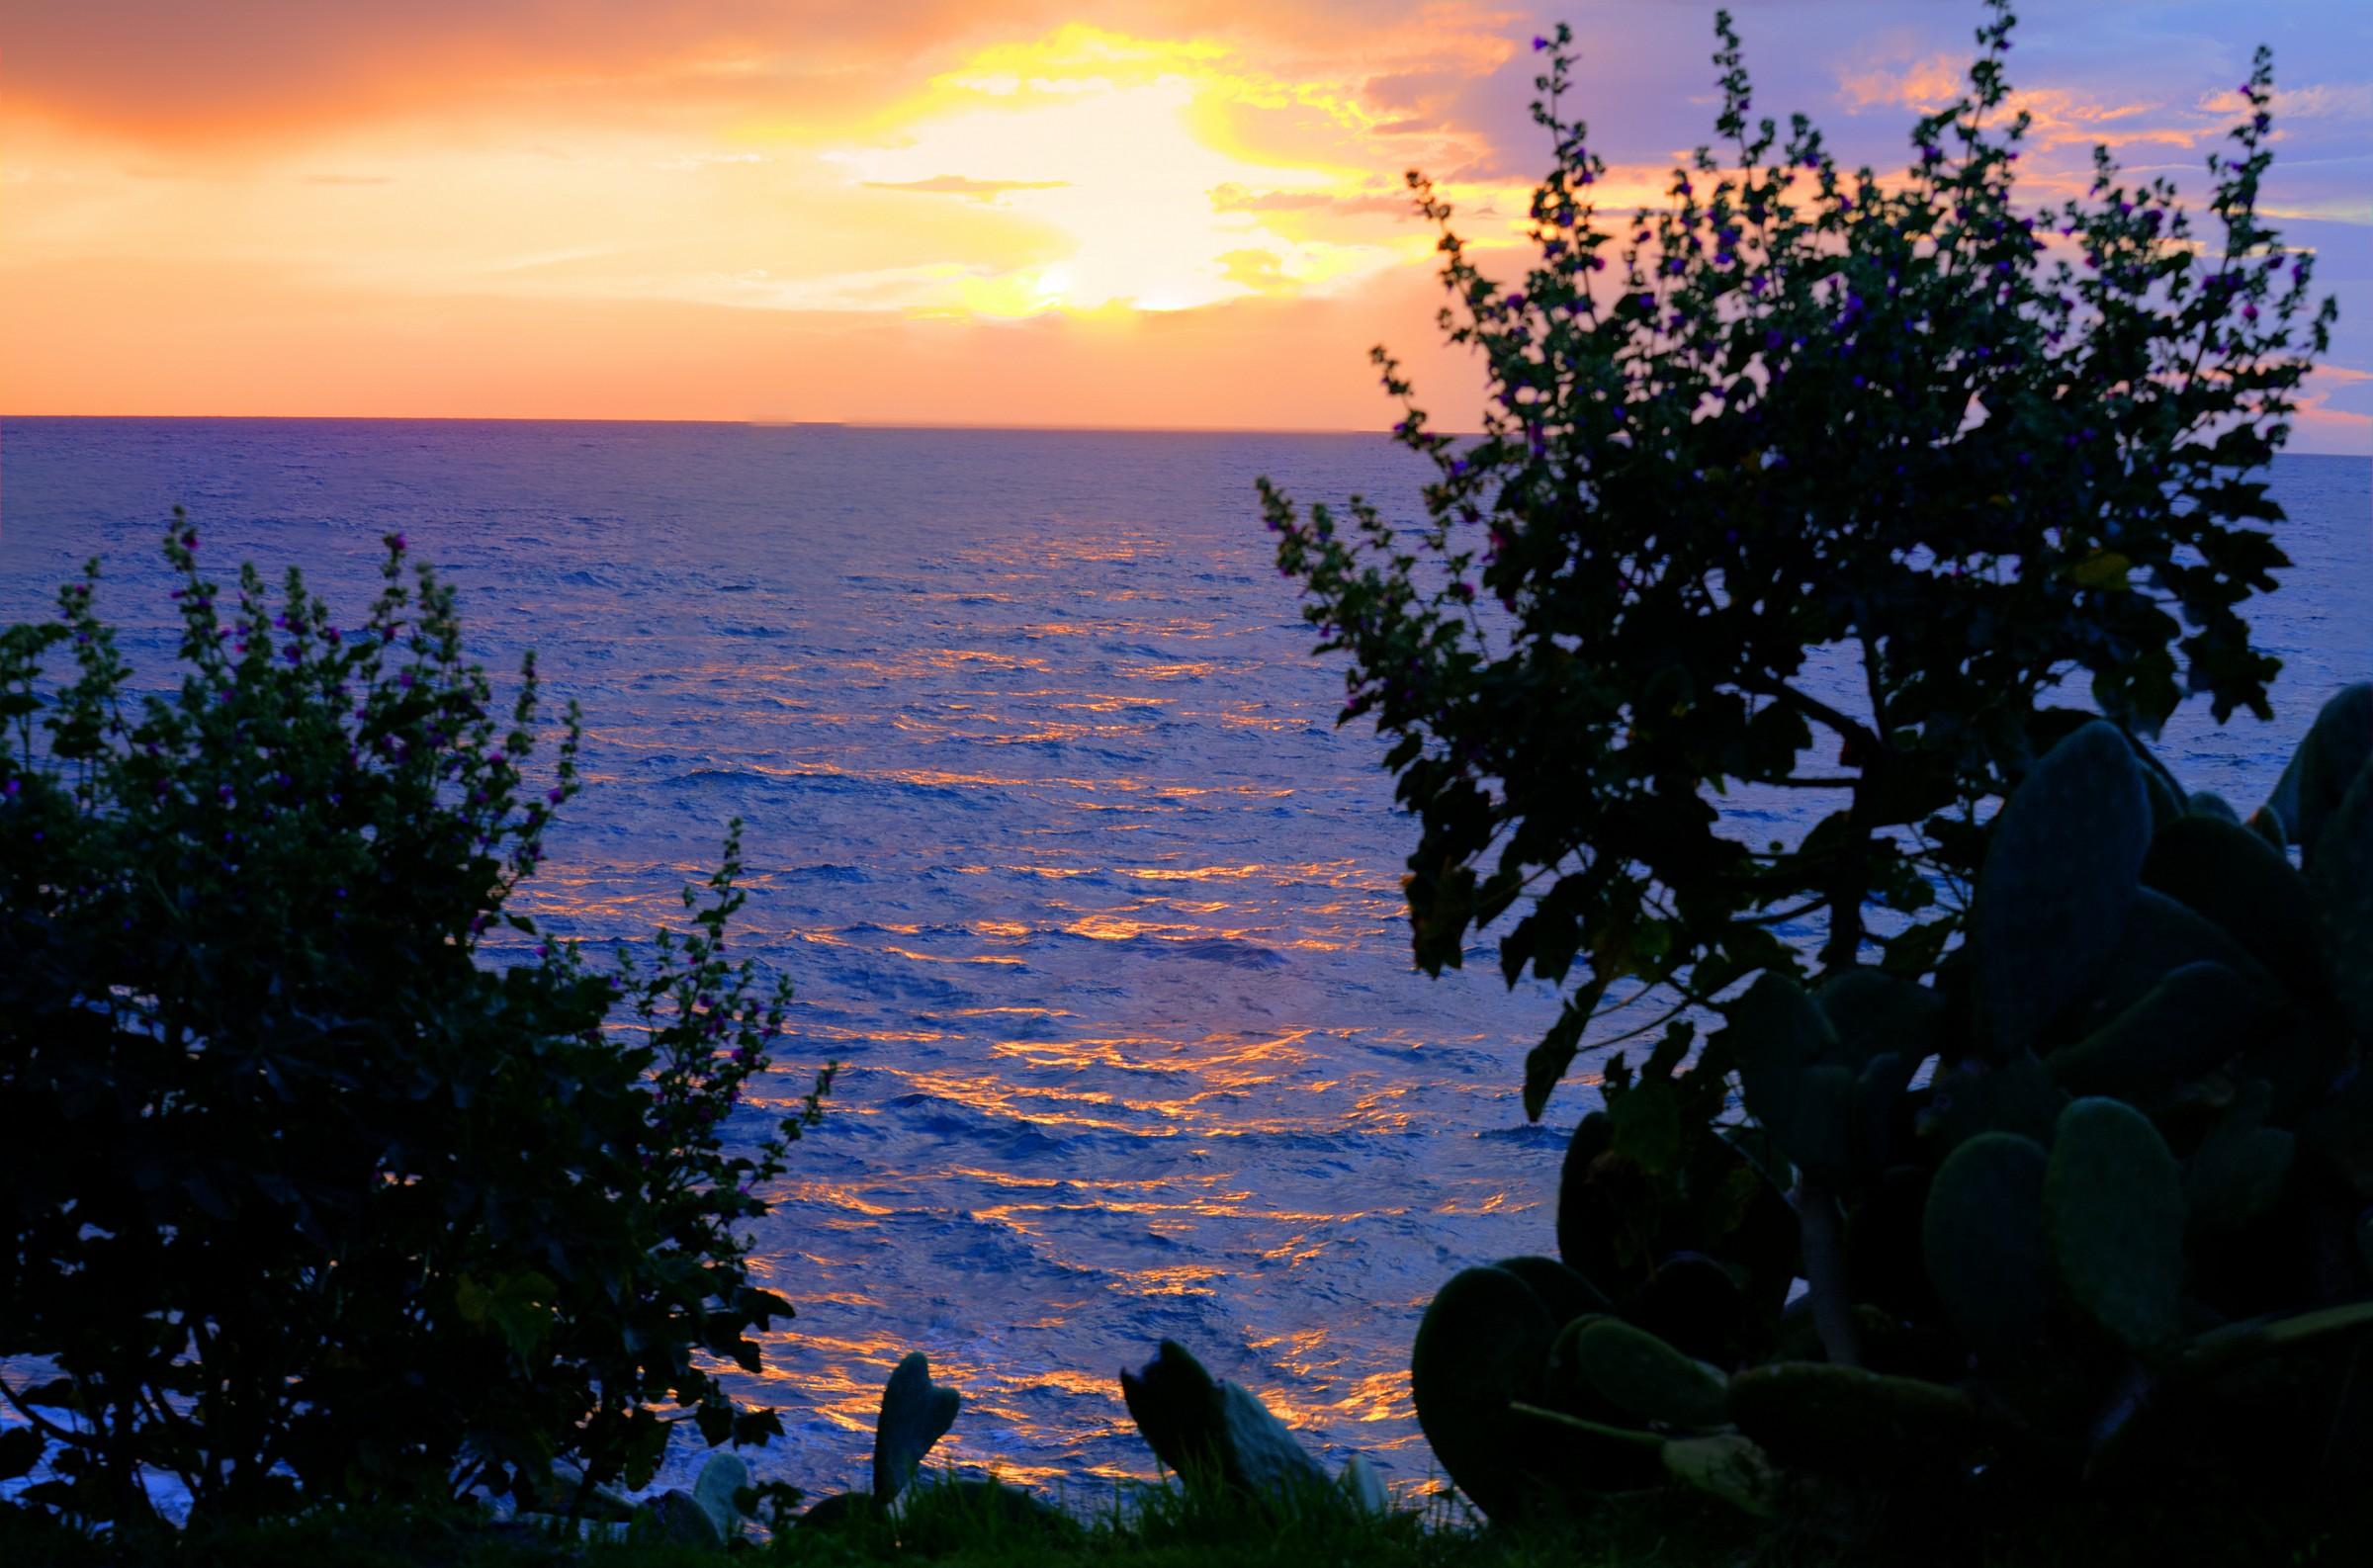 sunset in san gregorio 3...